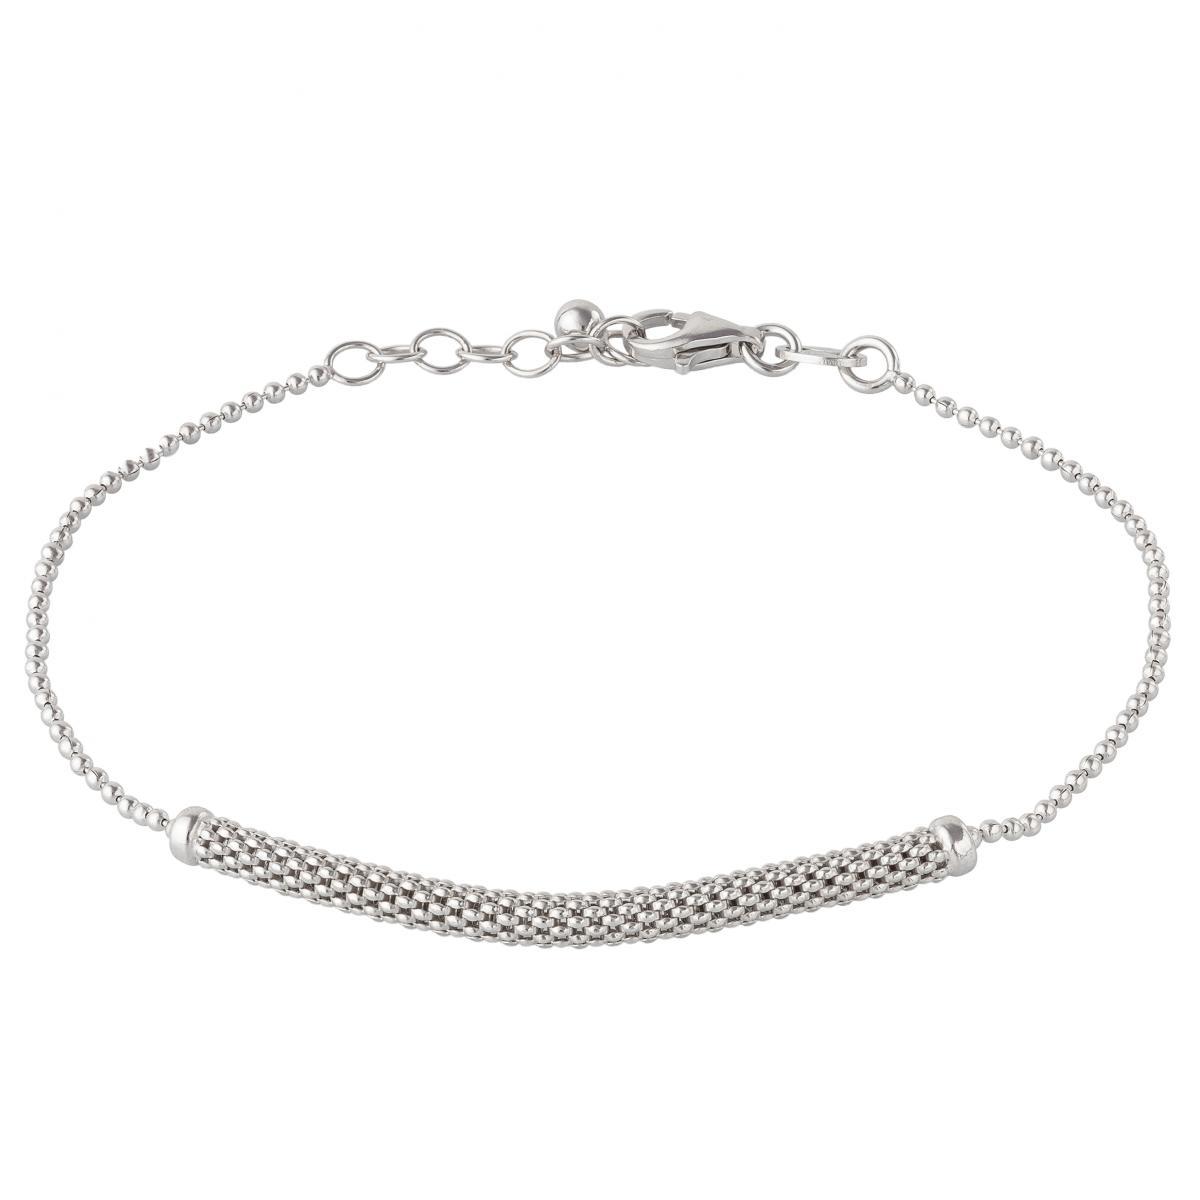 Браслет срібний ``Coreanna`` BEADBR CEKR 120y